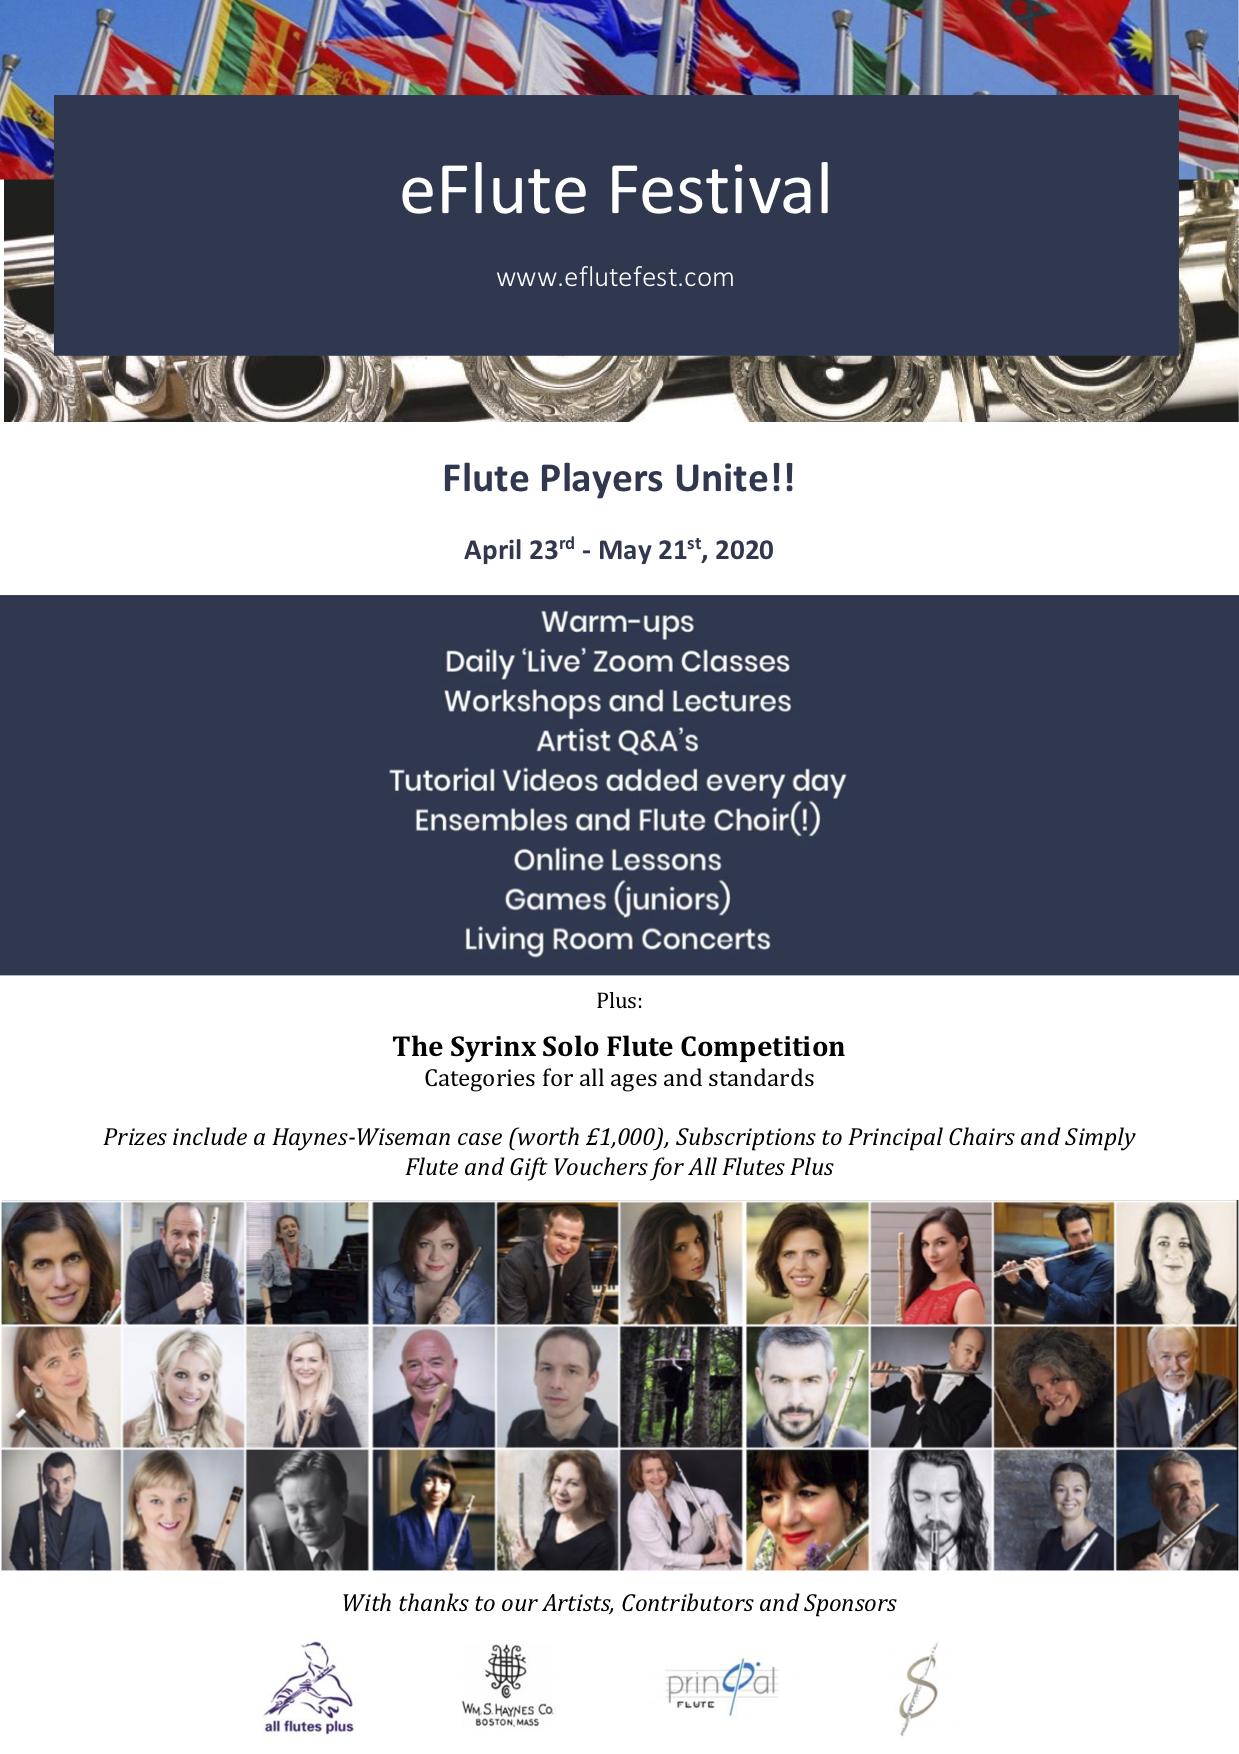 eFlute Festival Poster 2020